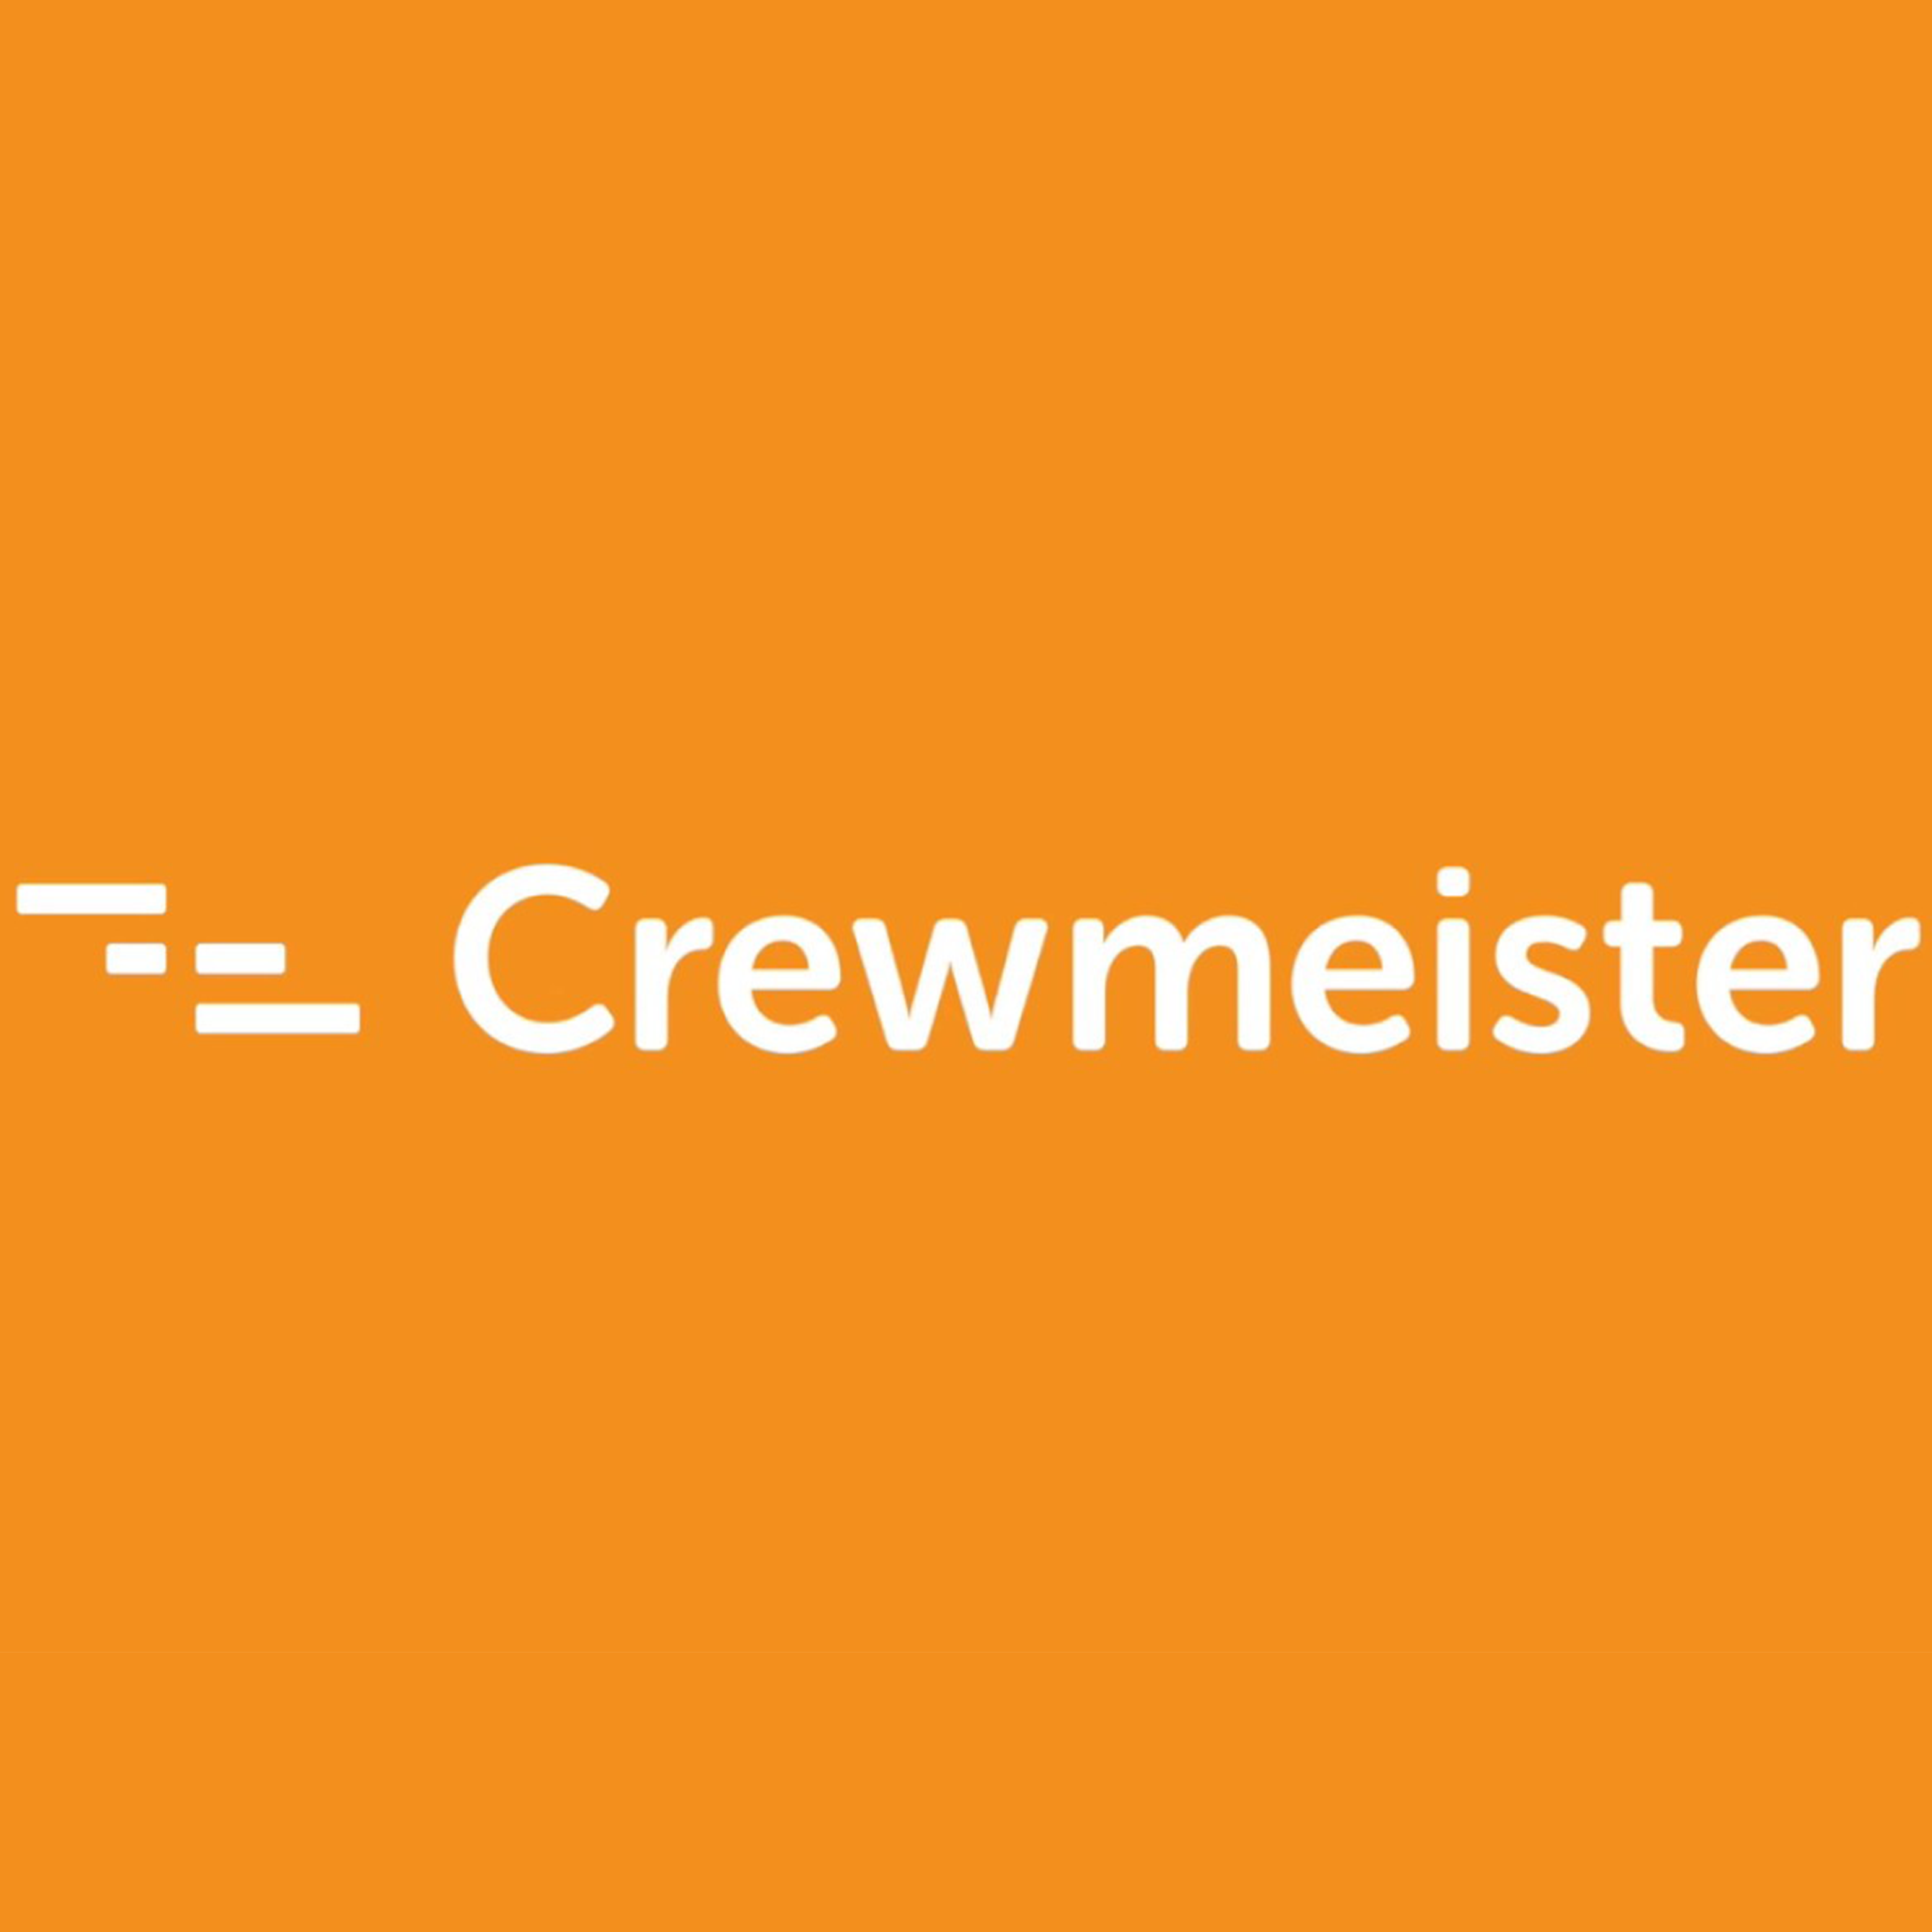 Crewmeister Quadrat